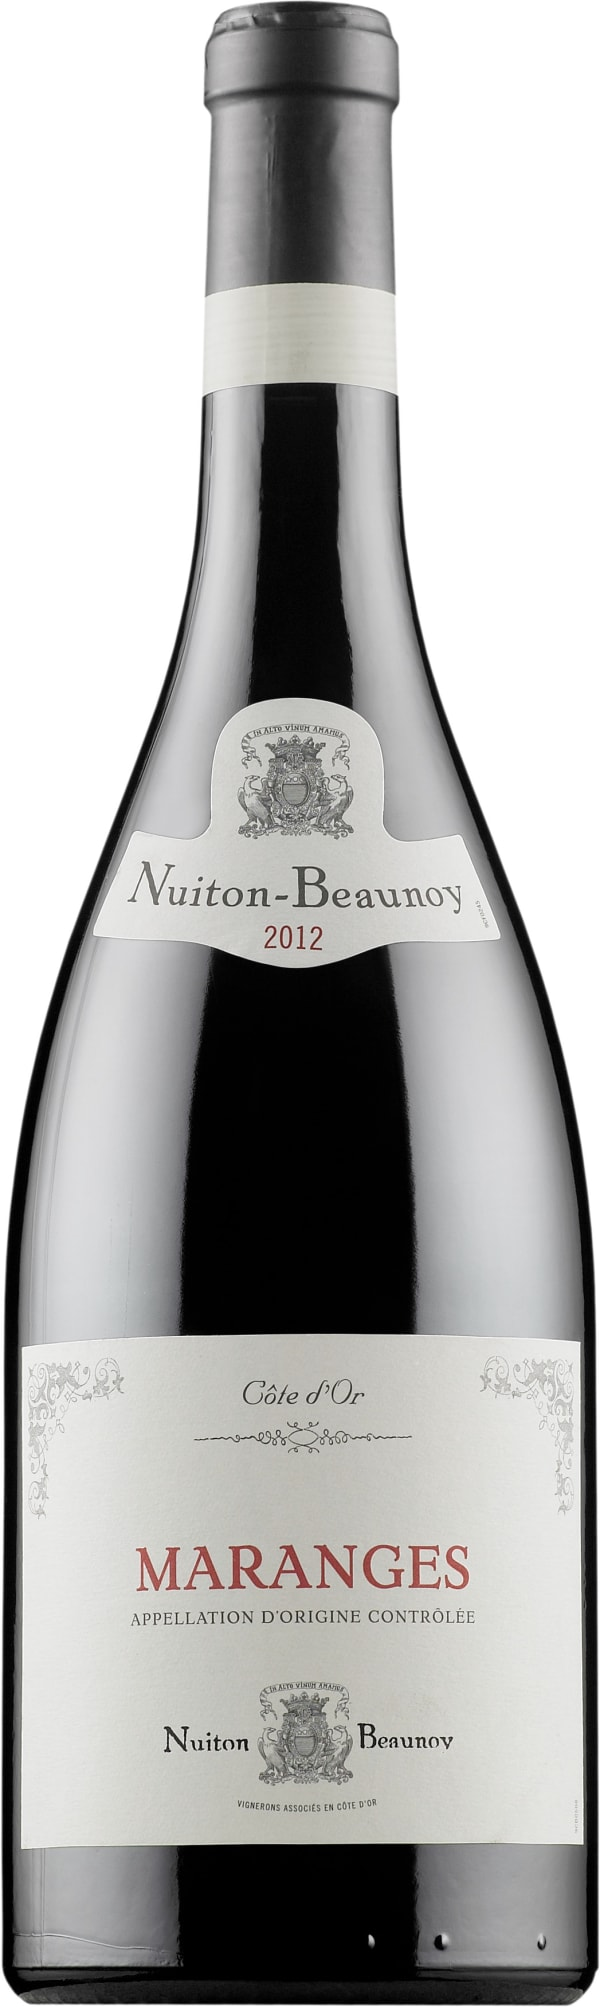 Nuiton-Beaunoy Maranges 2014